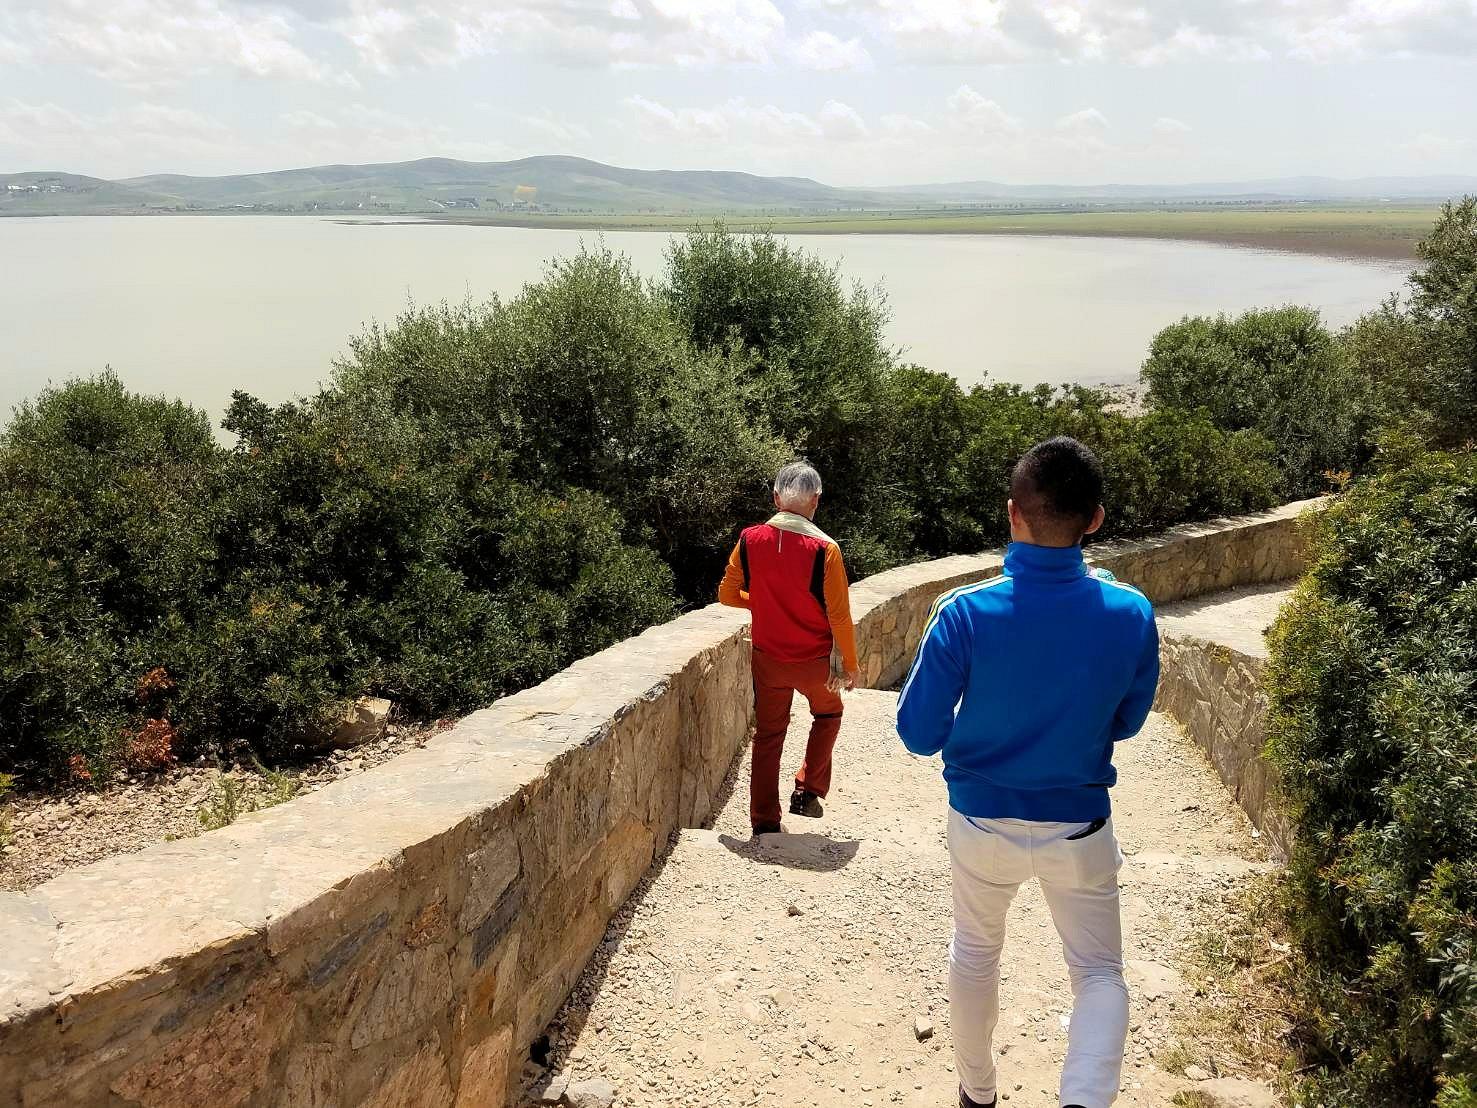 チュニジア:イシュケウル国立公園で記念撮影を楽しむ